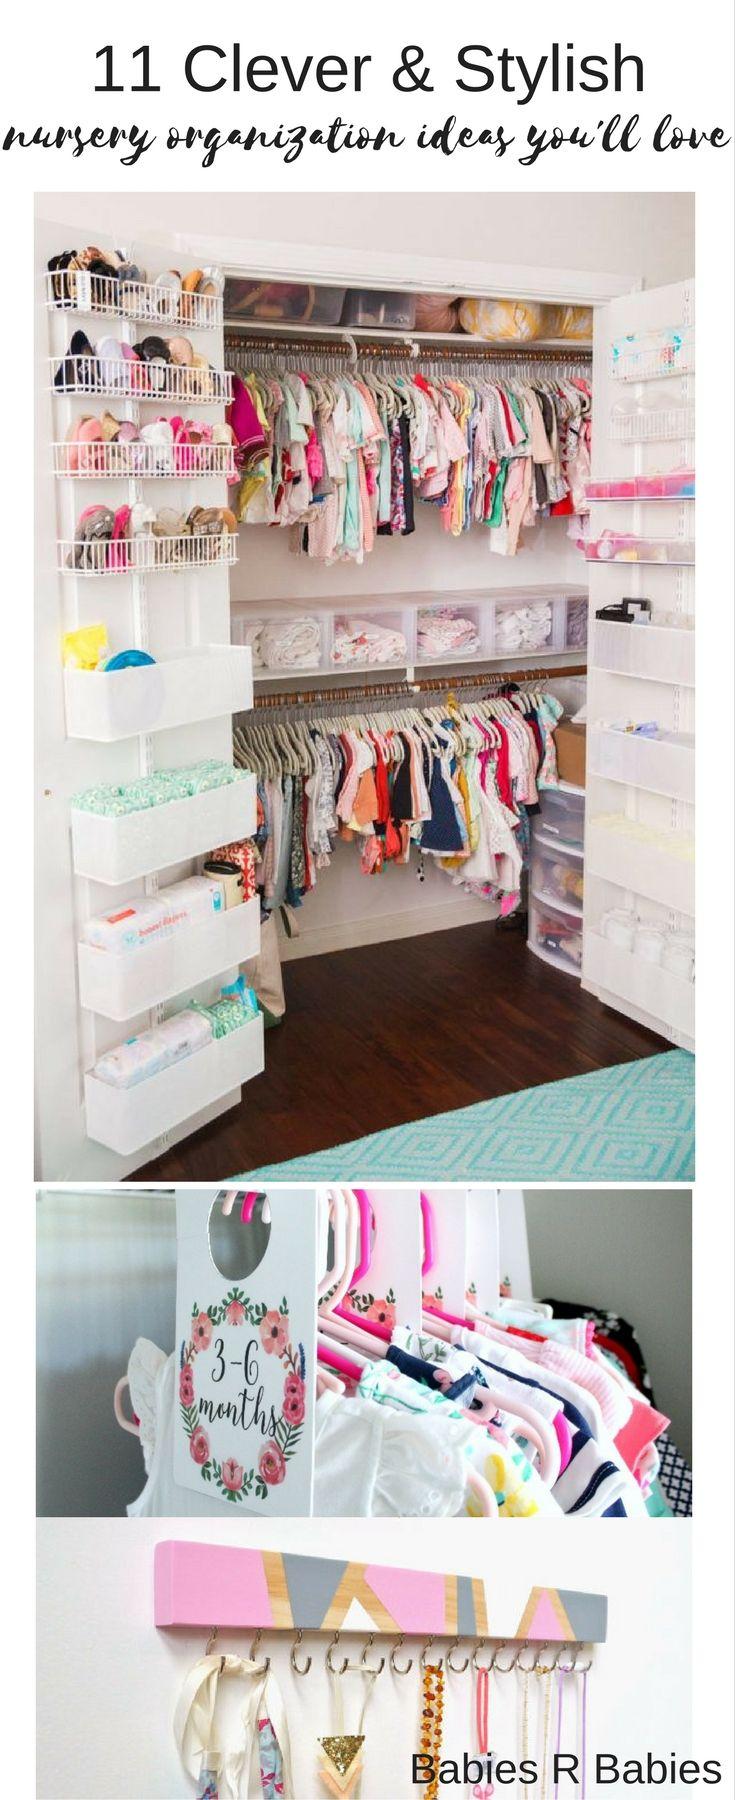 Clever & Stylish Nursery Organization ideas you'll love